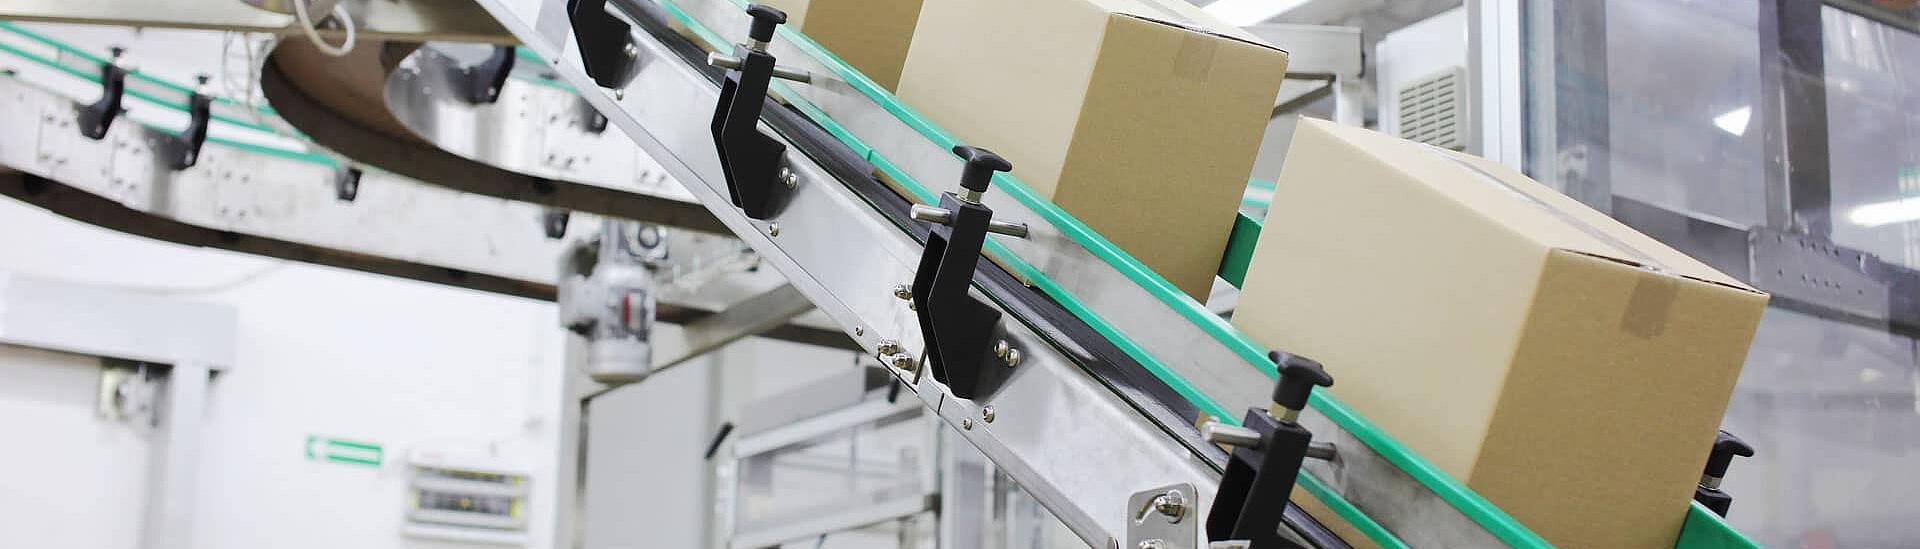 Verpackungsmaschinen mit KTR Kupplungen